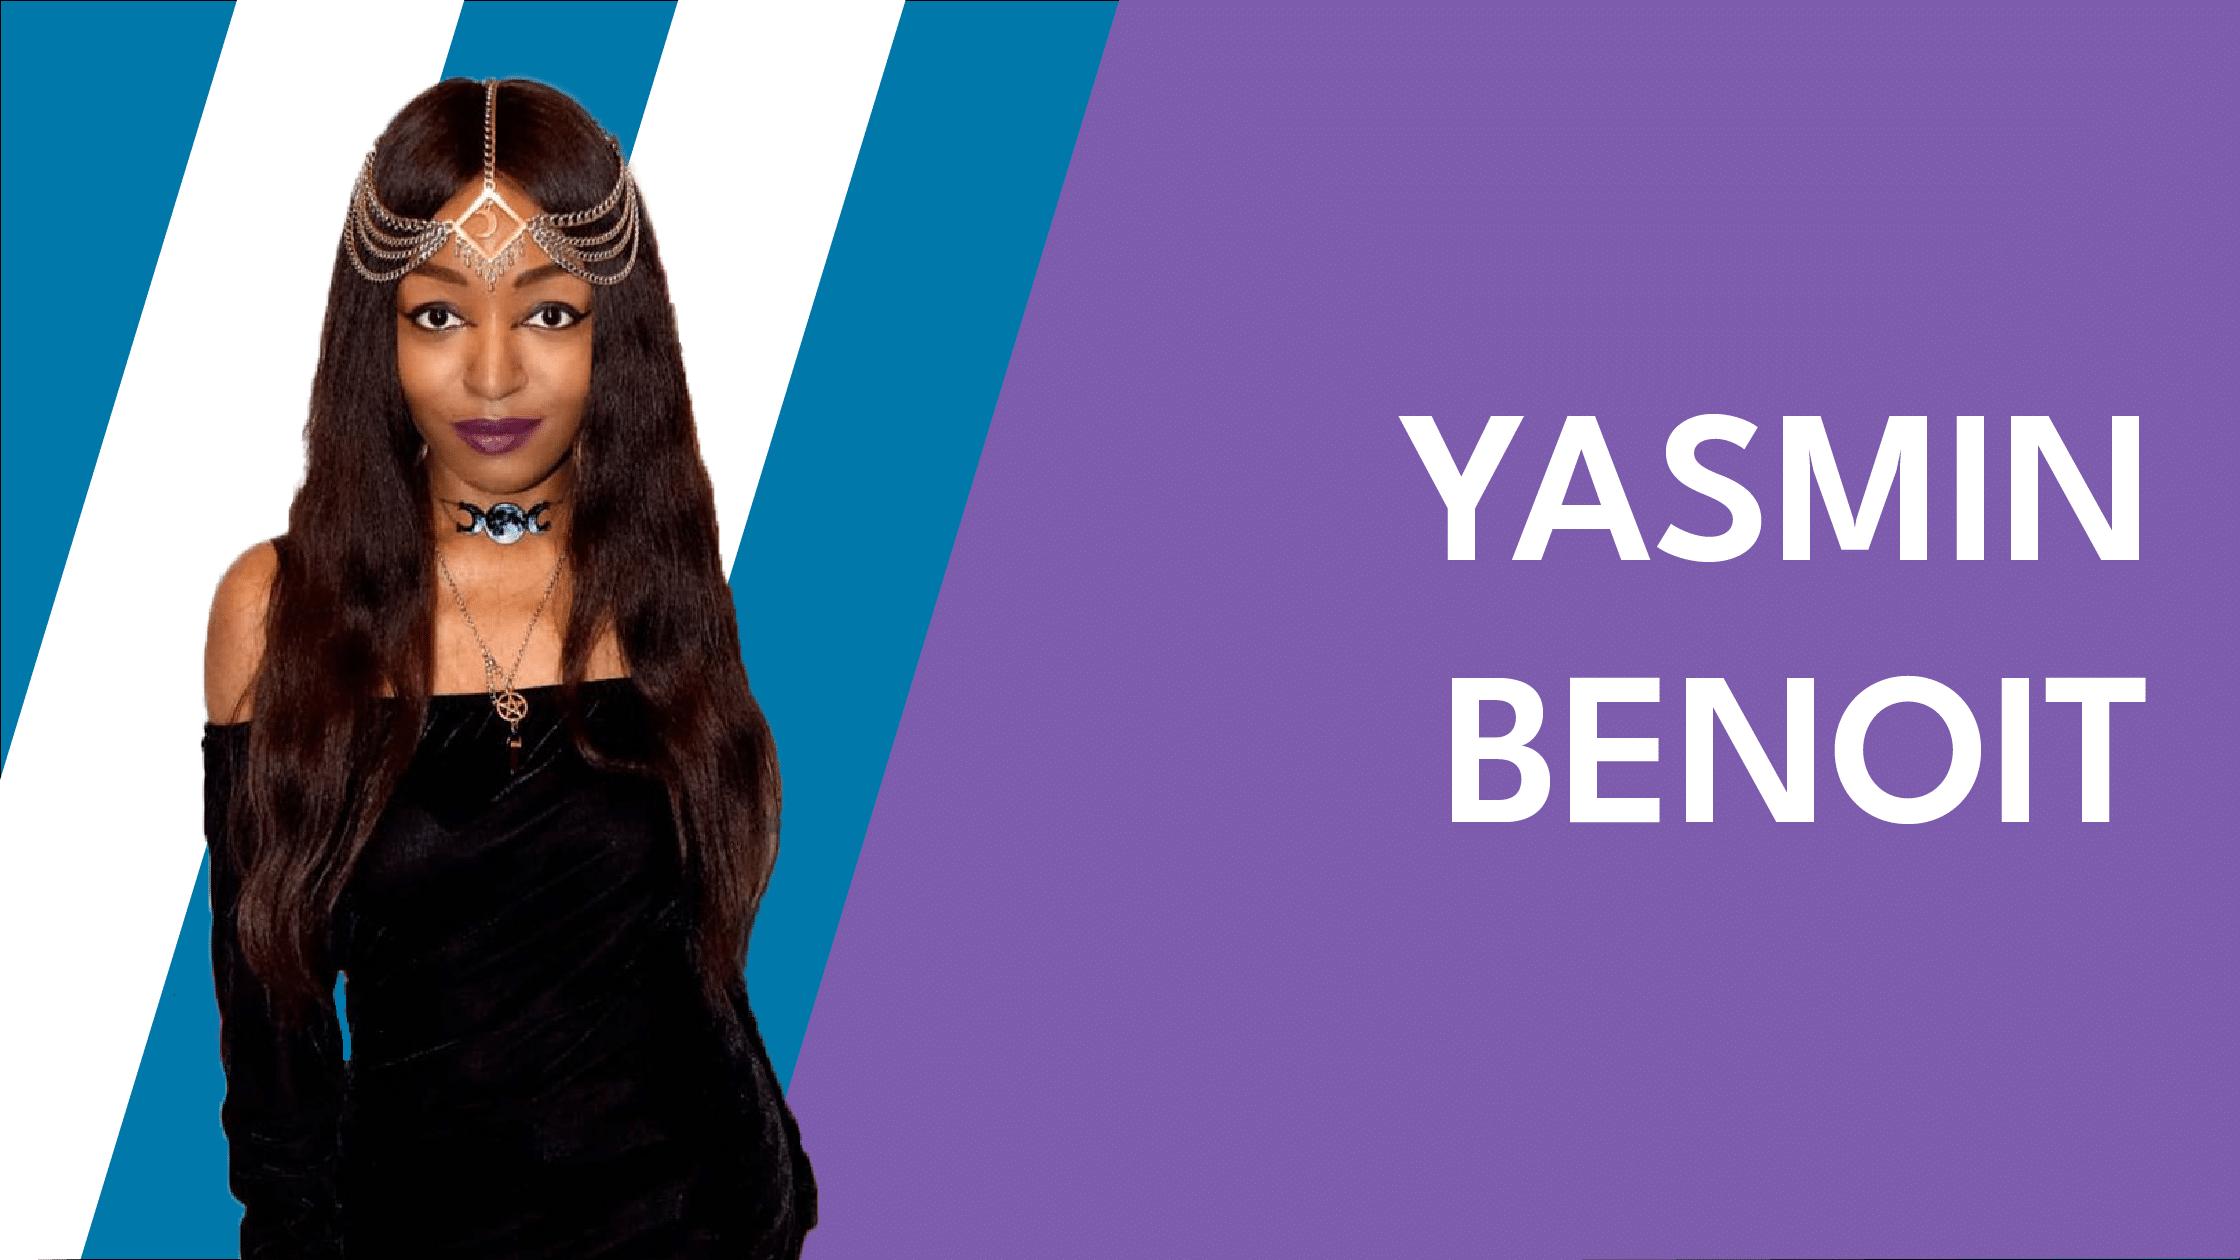 Yasmin Benoit